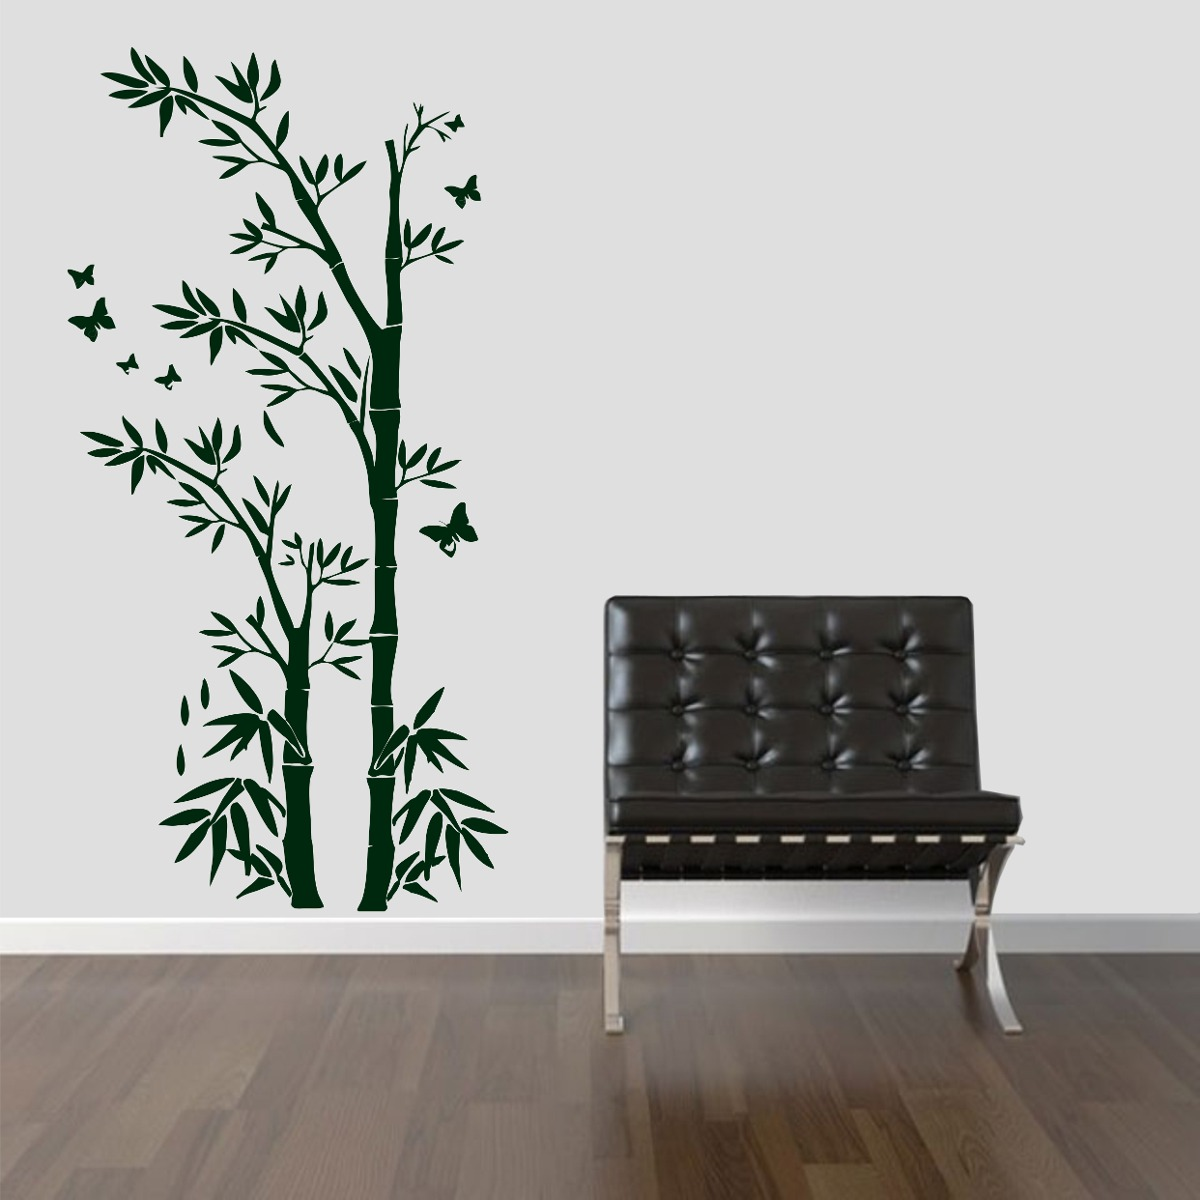 Adesivo Decorativo Para Vidro ~ Adesivo Decorativo Parede Floral Bambu Galhos Borboleta R$ 39,99 em Mercado Livre